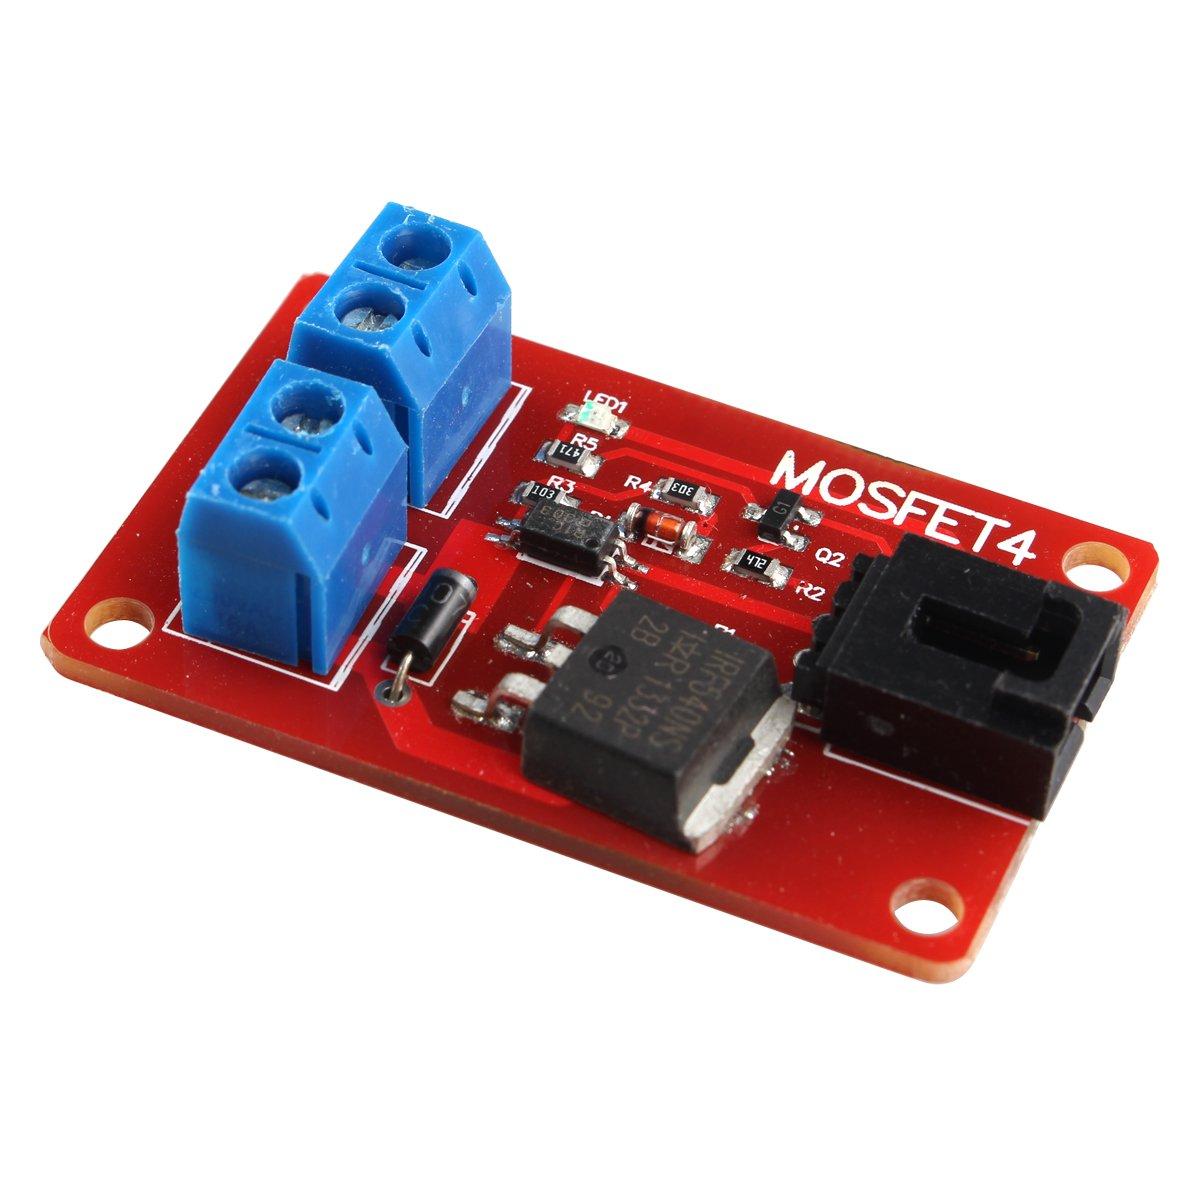 HALJIA 1 Kanal MOSFET Schalter IRF540 Isolierte Leistung für ...